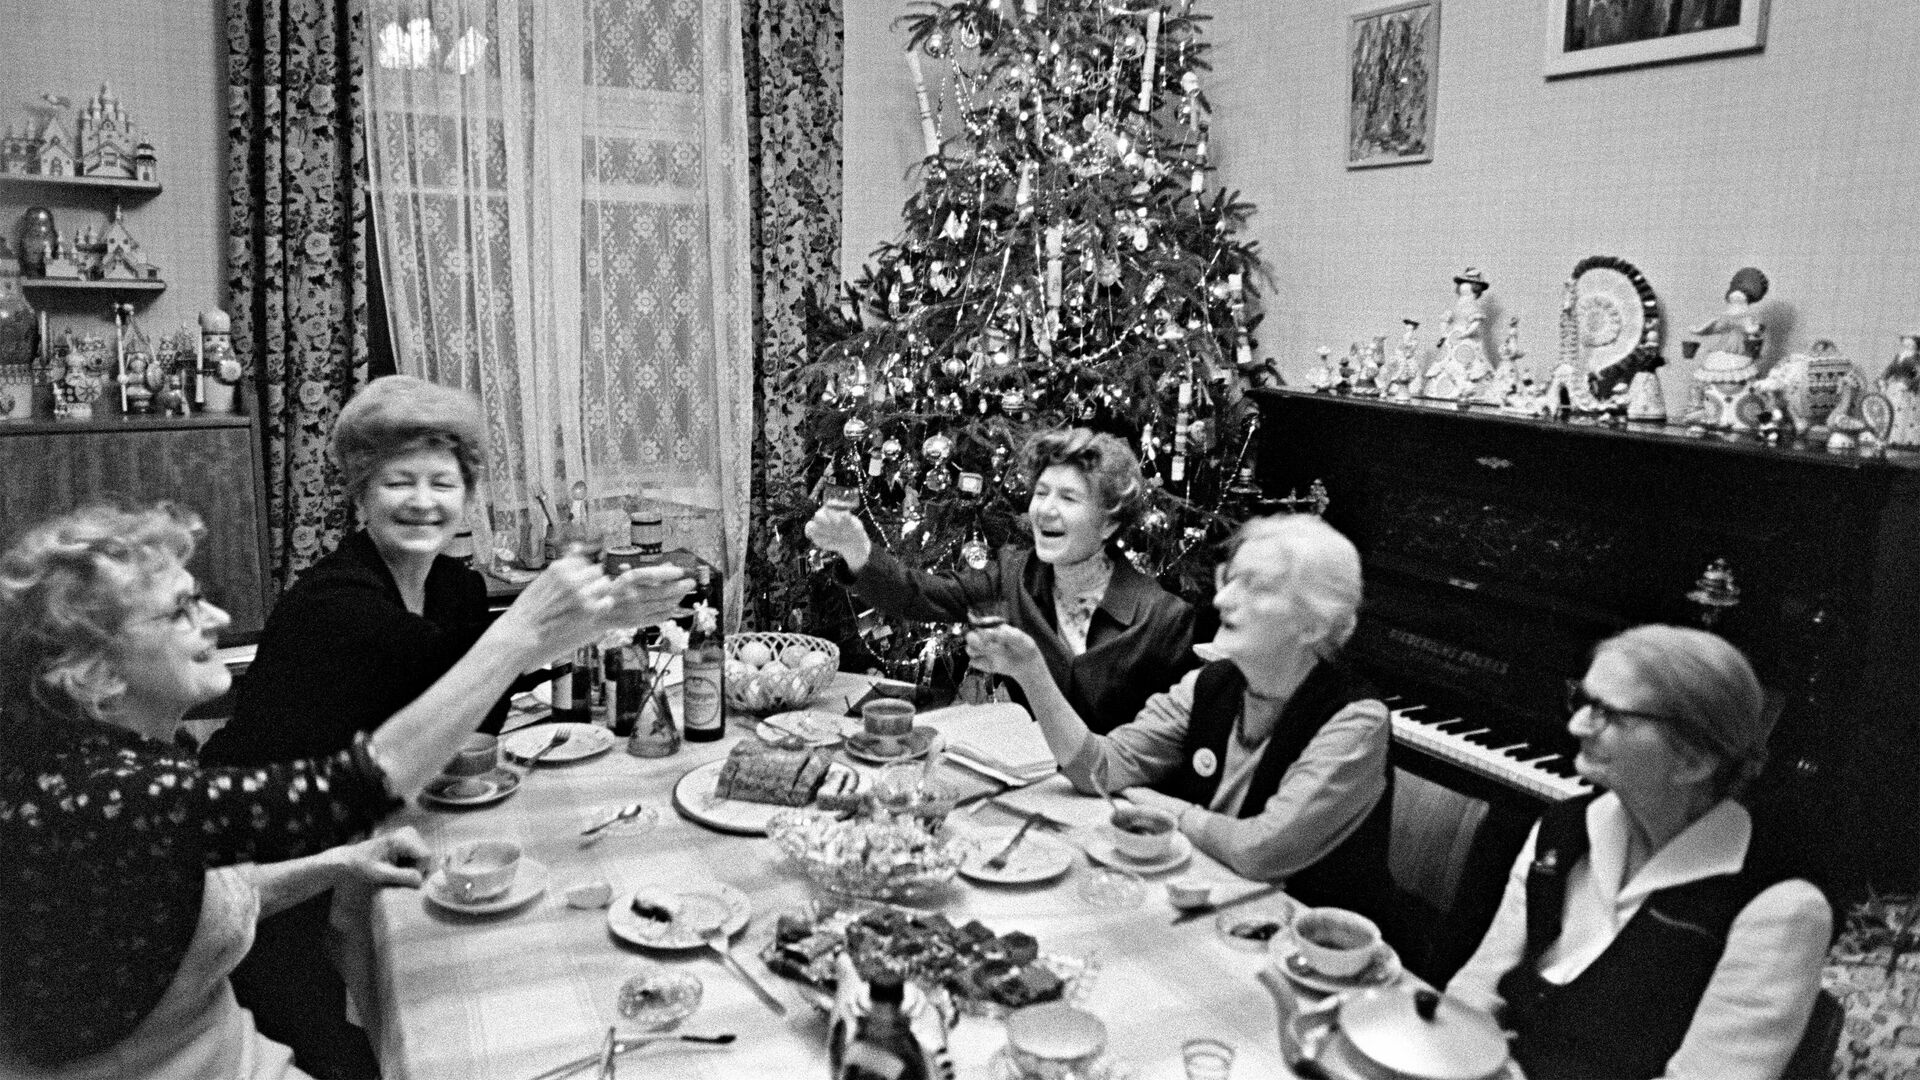 Встреча Нового года в Московской квартире - РИА Новости, 1920, 01.01.2020